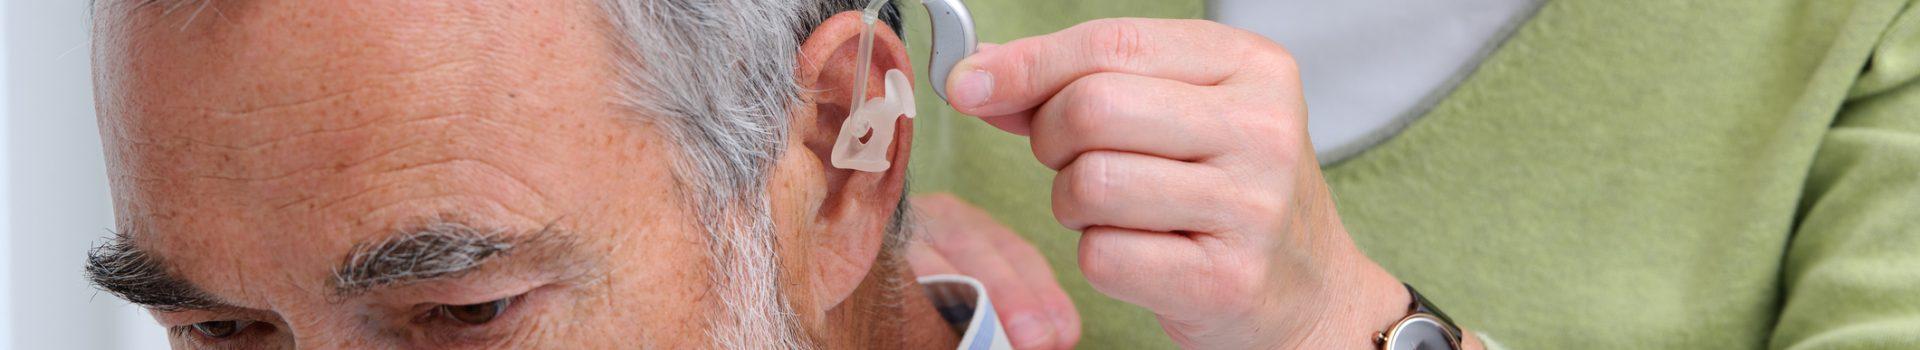 Dokter die hoortoestel in doet bij oudere man